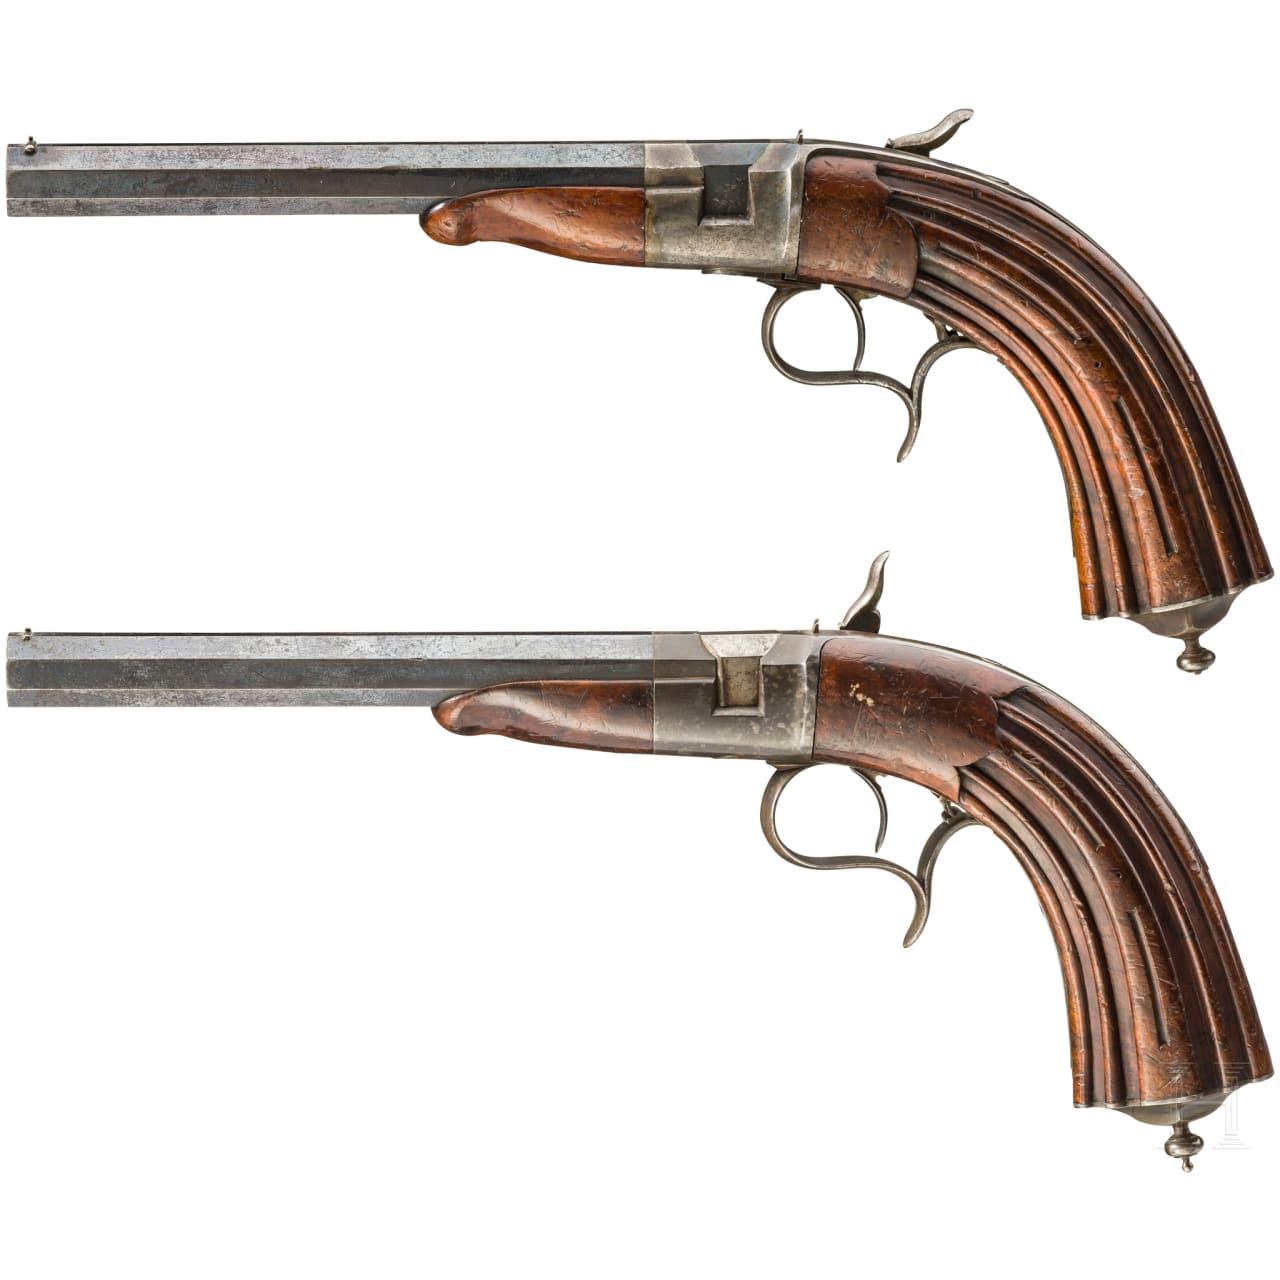 Ein Paar Salon-Perkussionspistolen, süddeutsch, um 1850